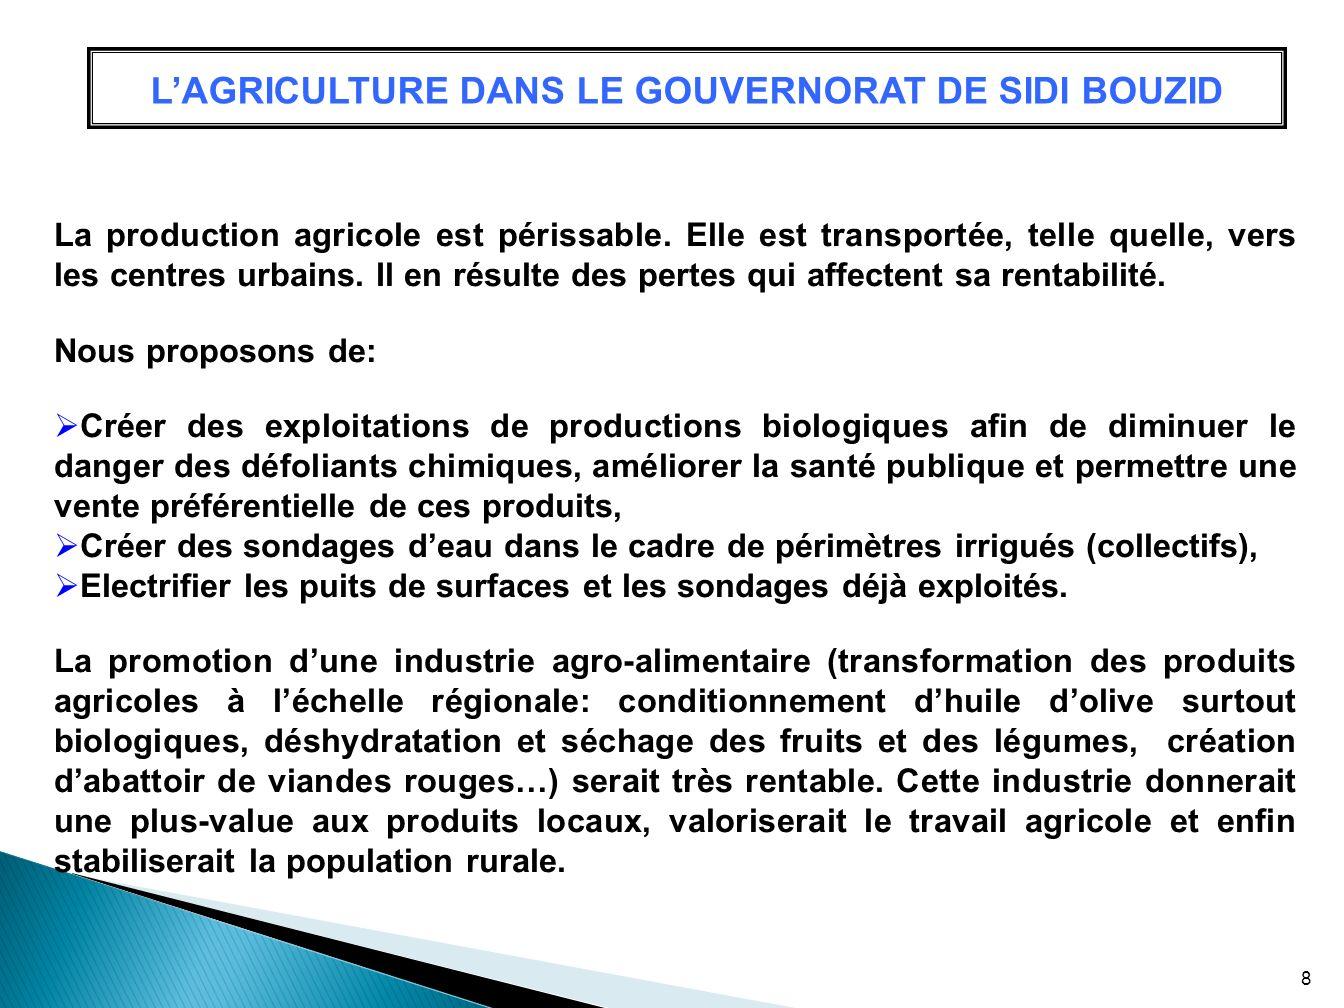 L'AGRICULTURE DANS LE GOUVERNORAT DE SIDI BOUZID